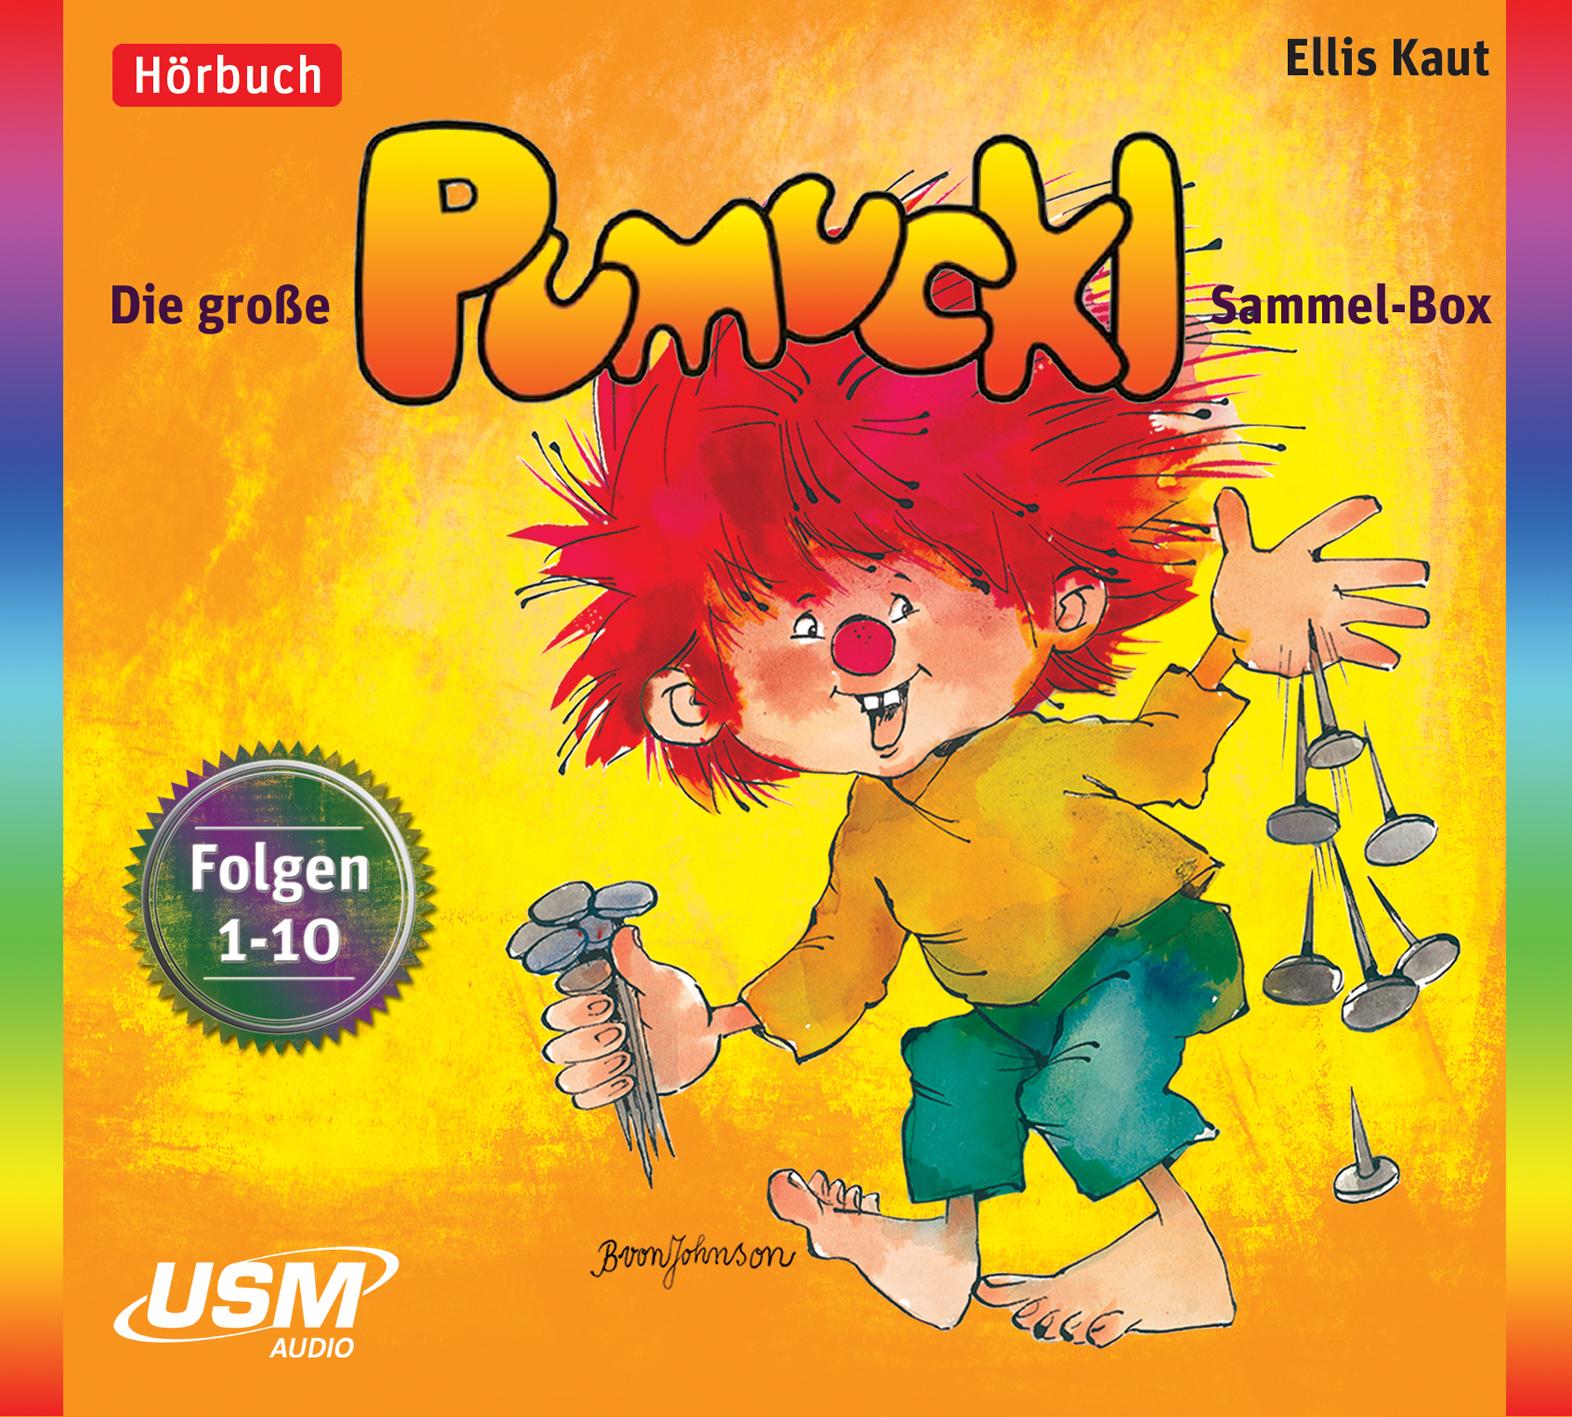 Die große Pumuckl Sammel-Box: Folgen 1-10 - Ellis Kaut [10 Audio CDs]